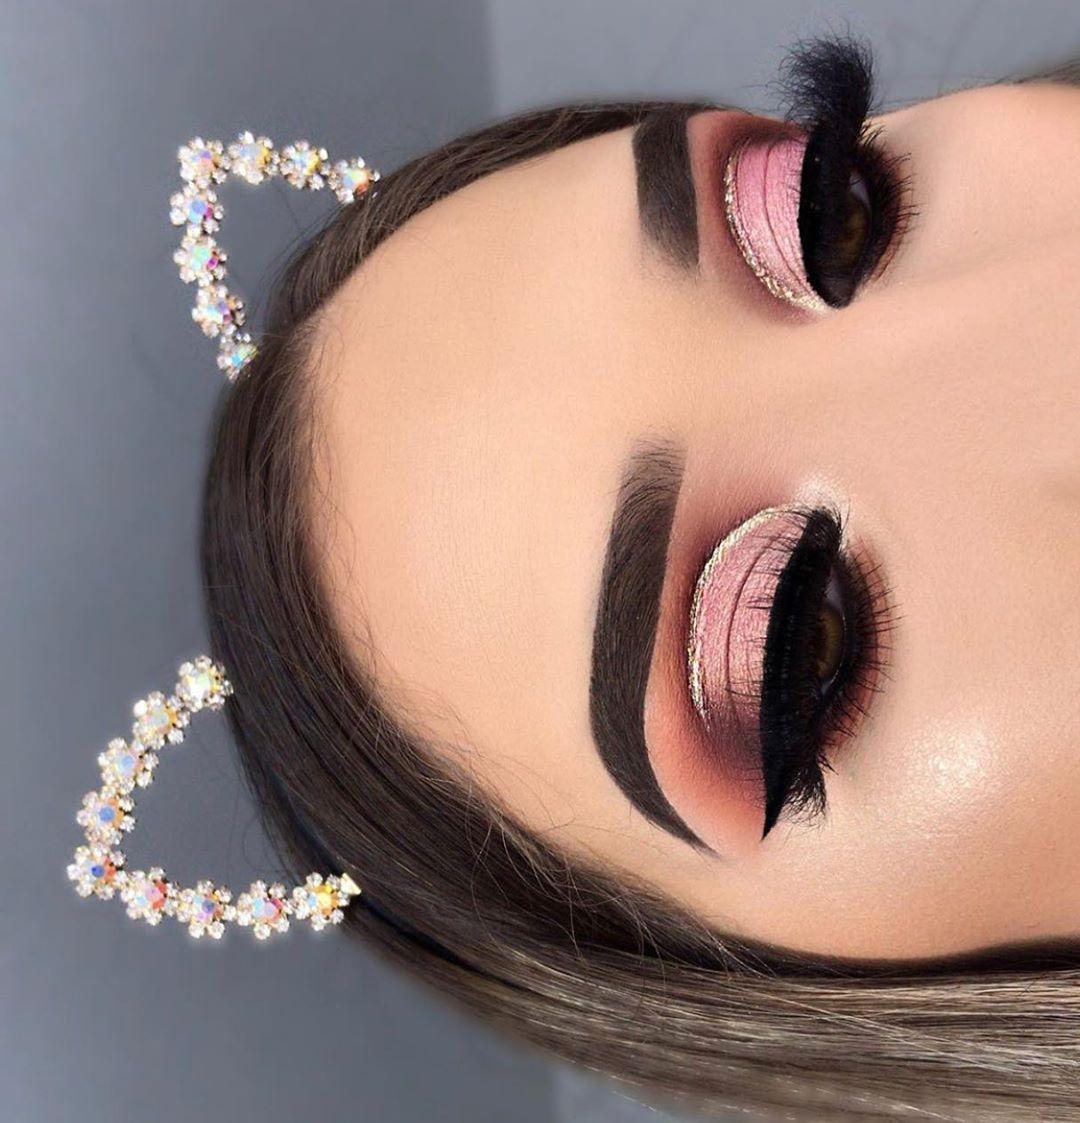 """𝐆𝐋𝐀𝐌 𝐌𝐀𝐊𝐄𝐔𝐏 & 𝐓𝐈𝐏𝐒✨ on Instagram: """"Follow @g_makeupt & @g_makeupt for more! .  Únete al grupo de chicas (facebook)  Glam Makeup & Tips 💄 ——————————————————— #makeup #vanity…"""""""